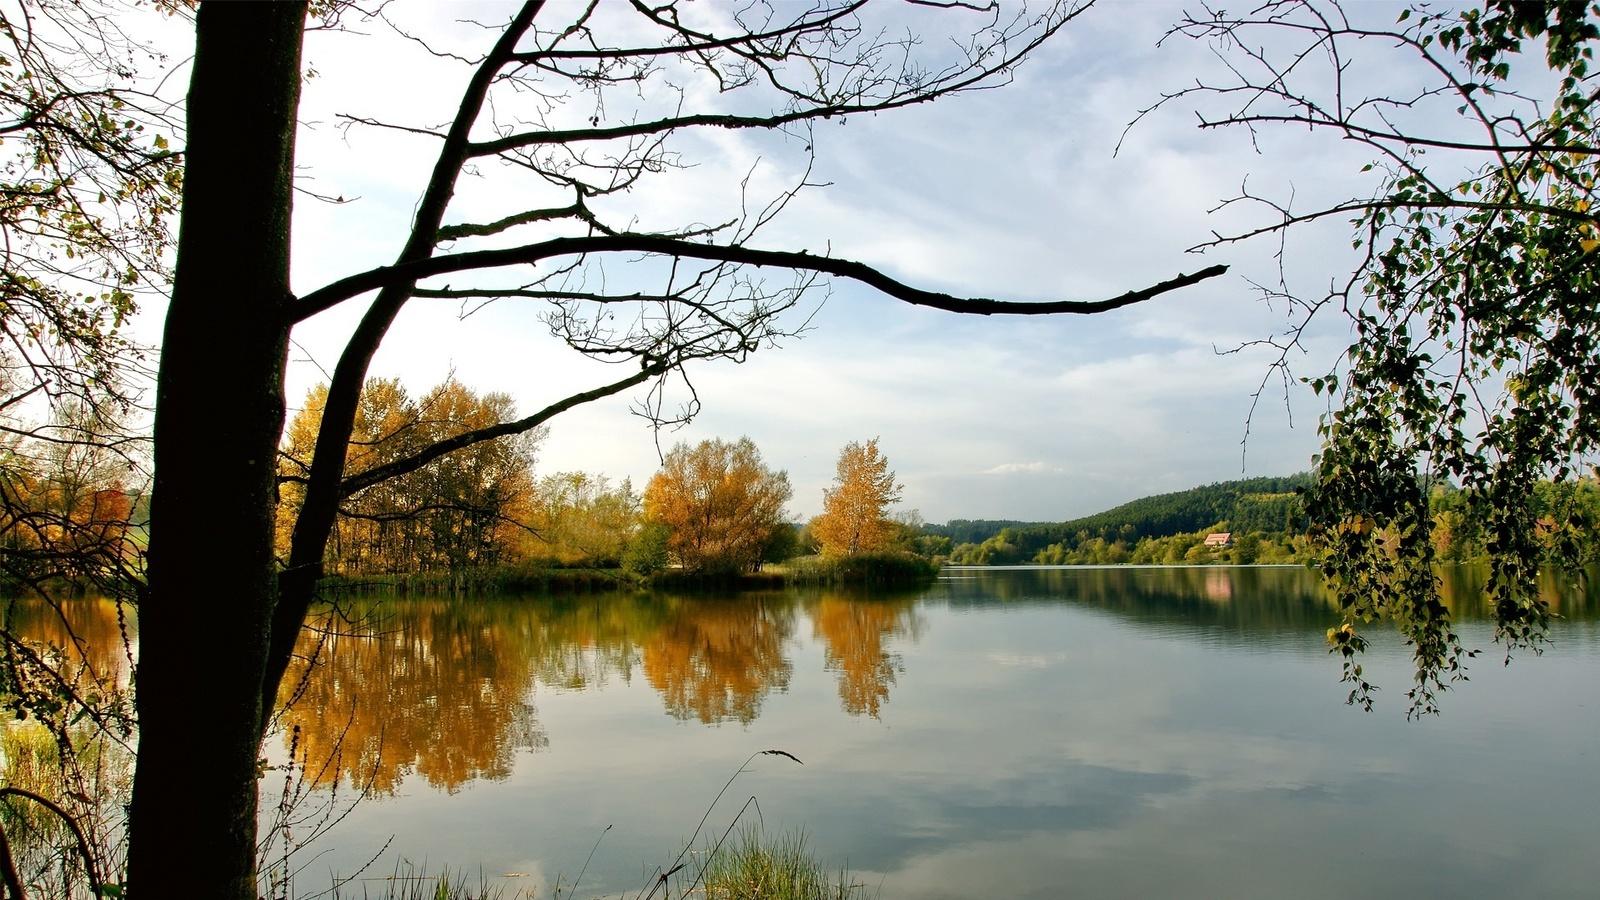 пресная водичка, дикая природа, желтые листья, небо,облака, природа